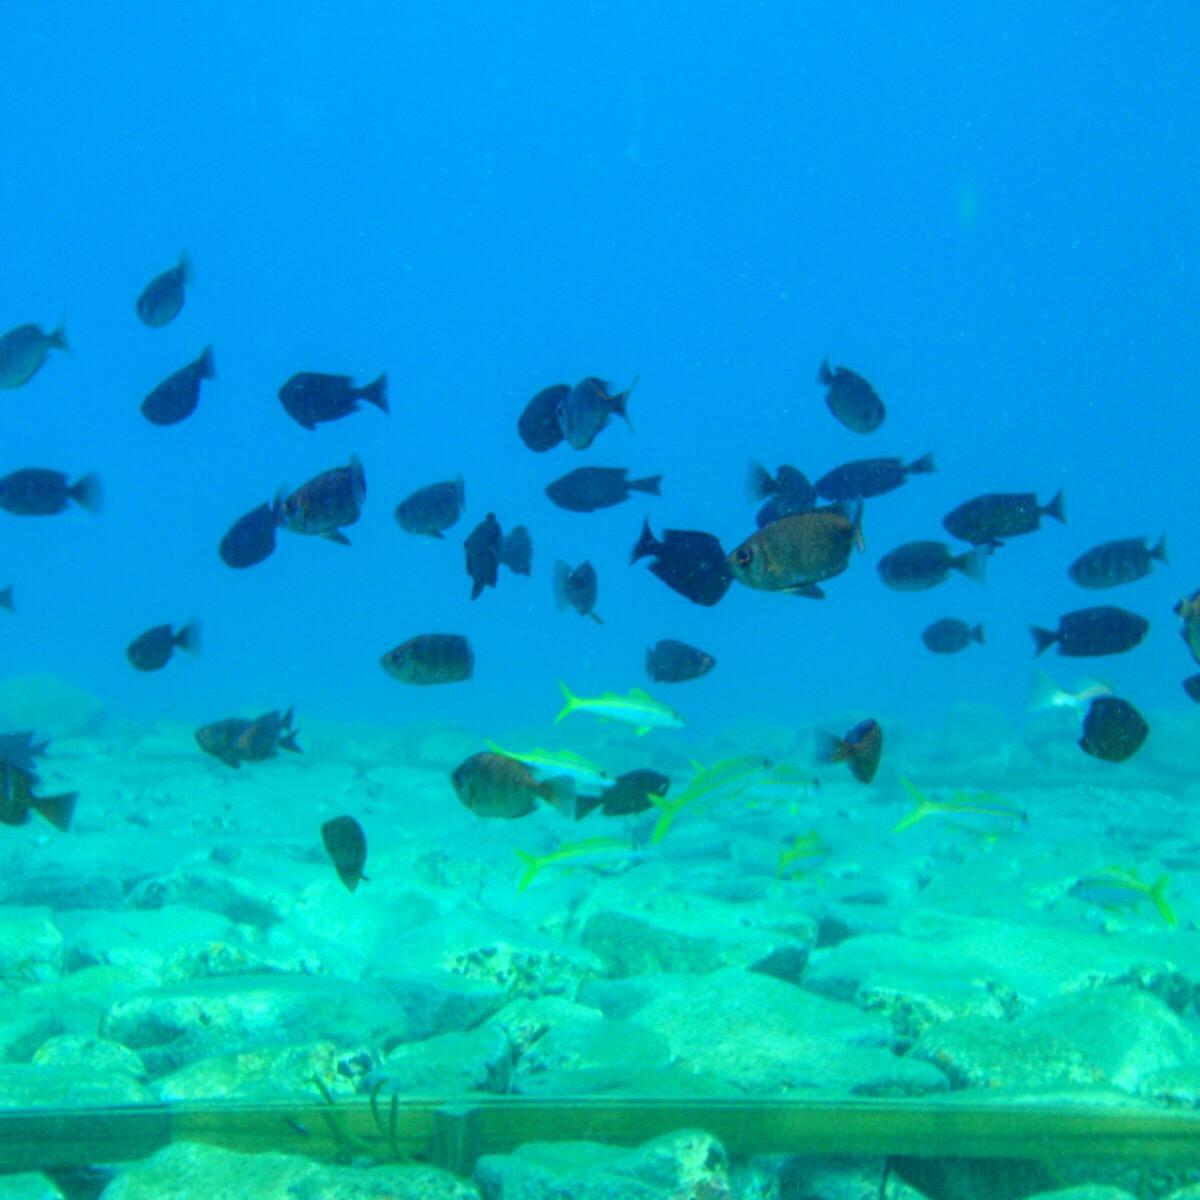 透き通る海! 三島村 竹島に海水浴に来ませんか?